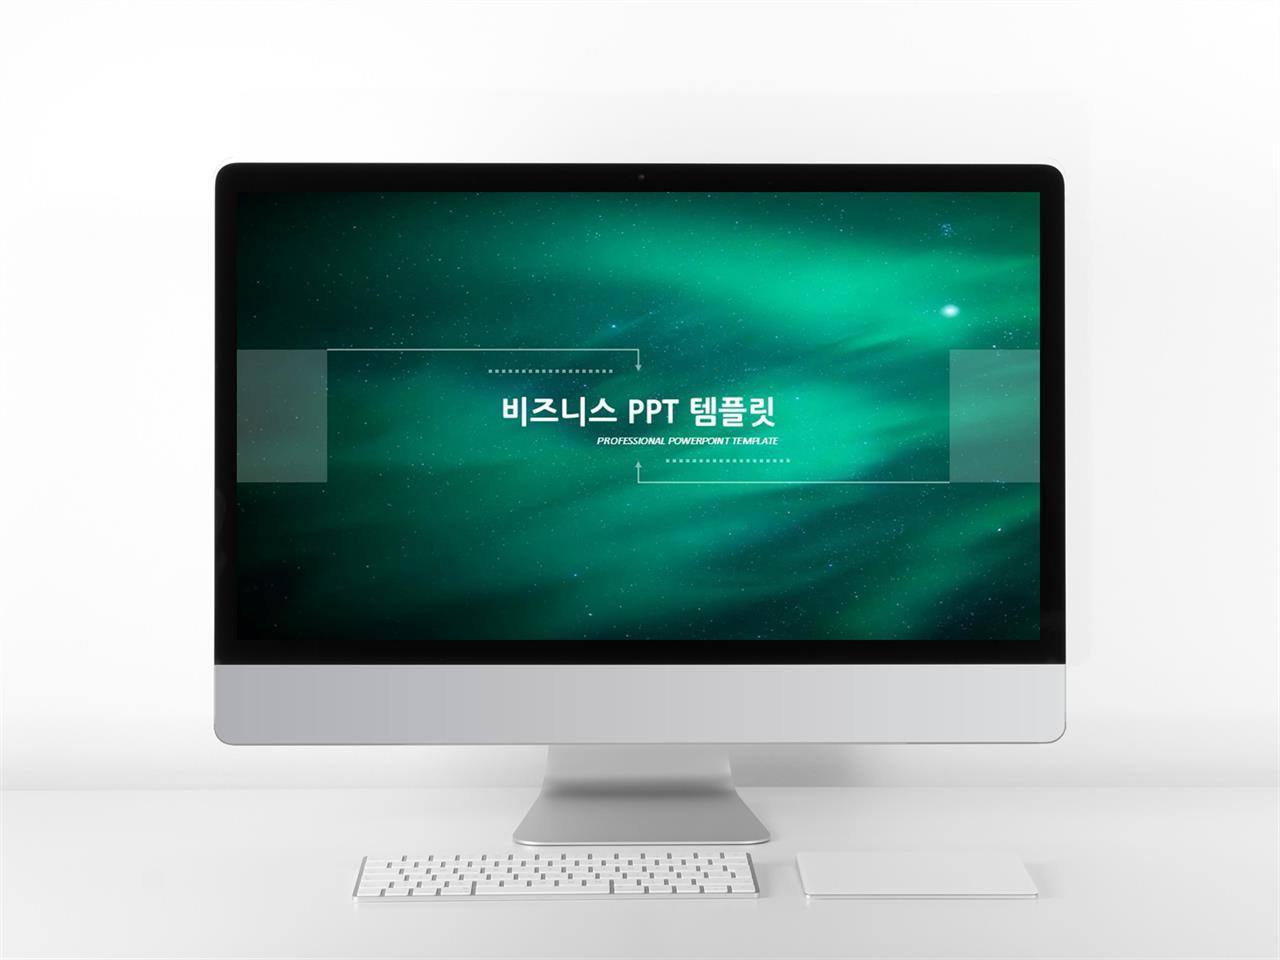 상업계획 그린색 어둠침침한 프로급 PPT템플릿 사이트 미리보기